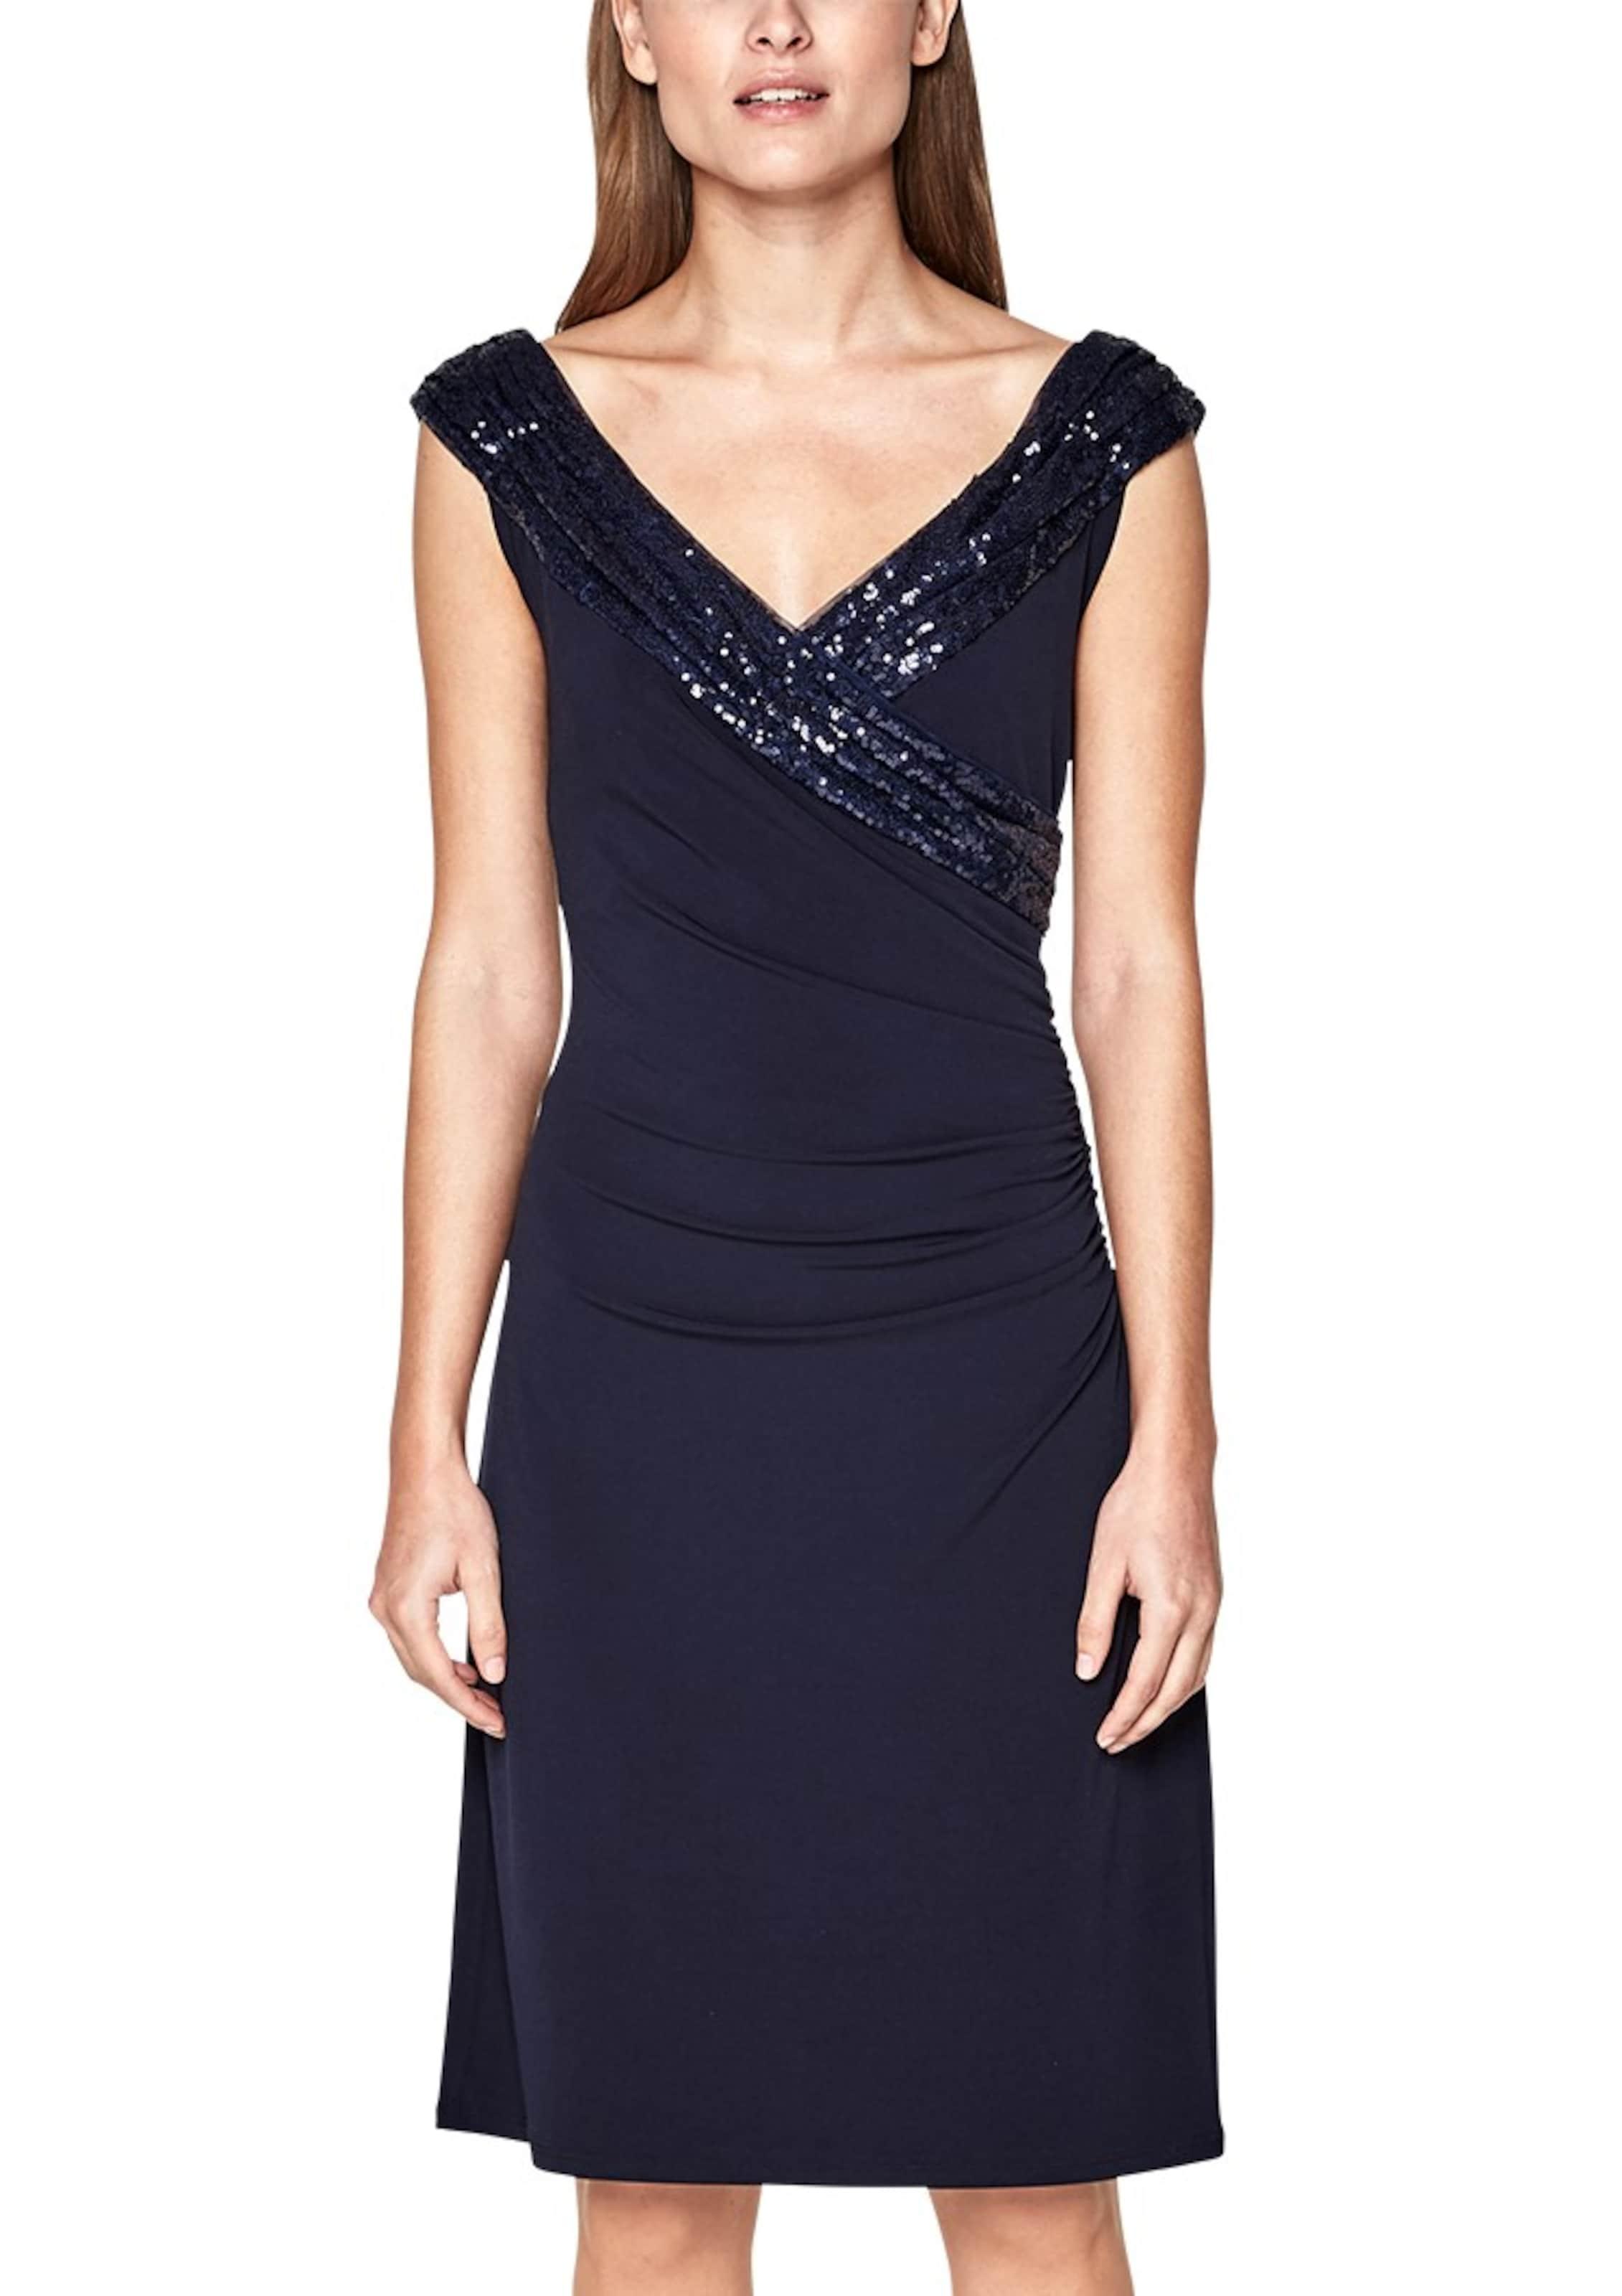 s.Oliver BLACK LABEL Figurbetontes Kleid mit Pailletten Verkauf Neuesten Kollektionen CUenu